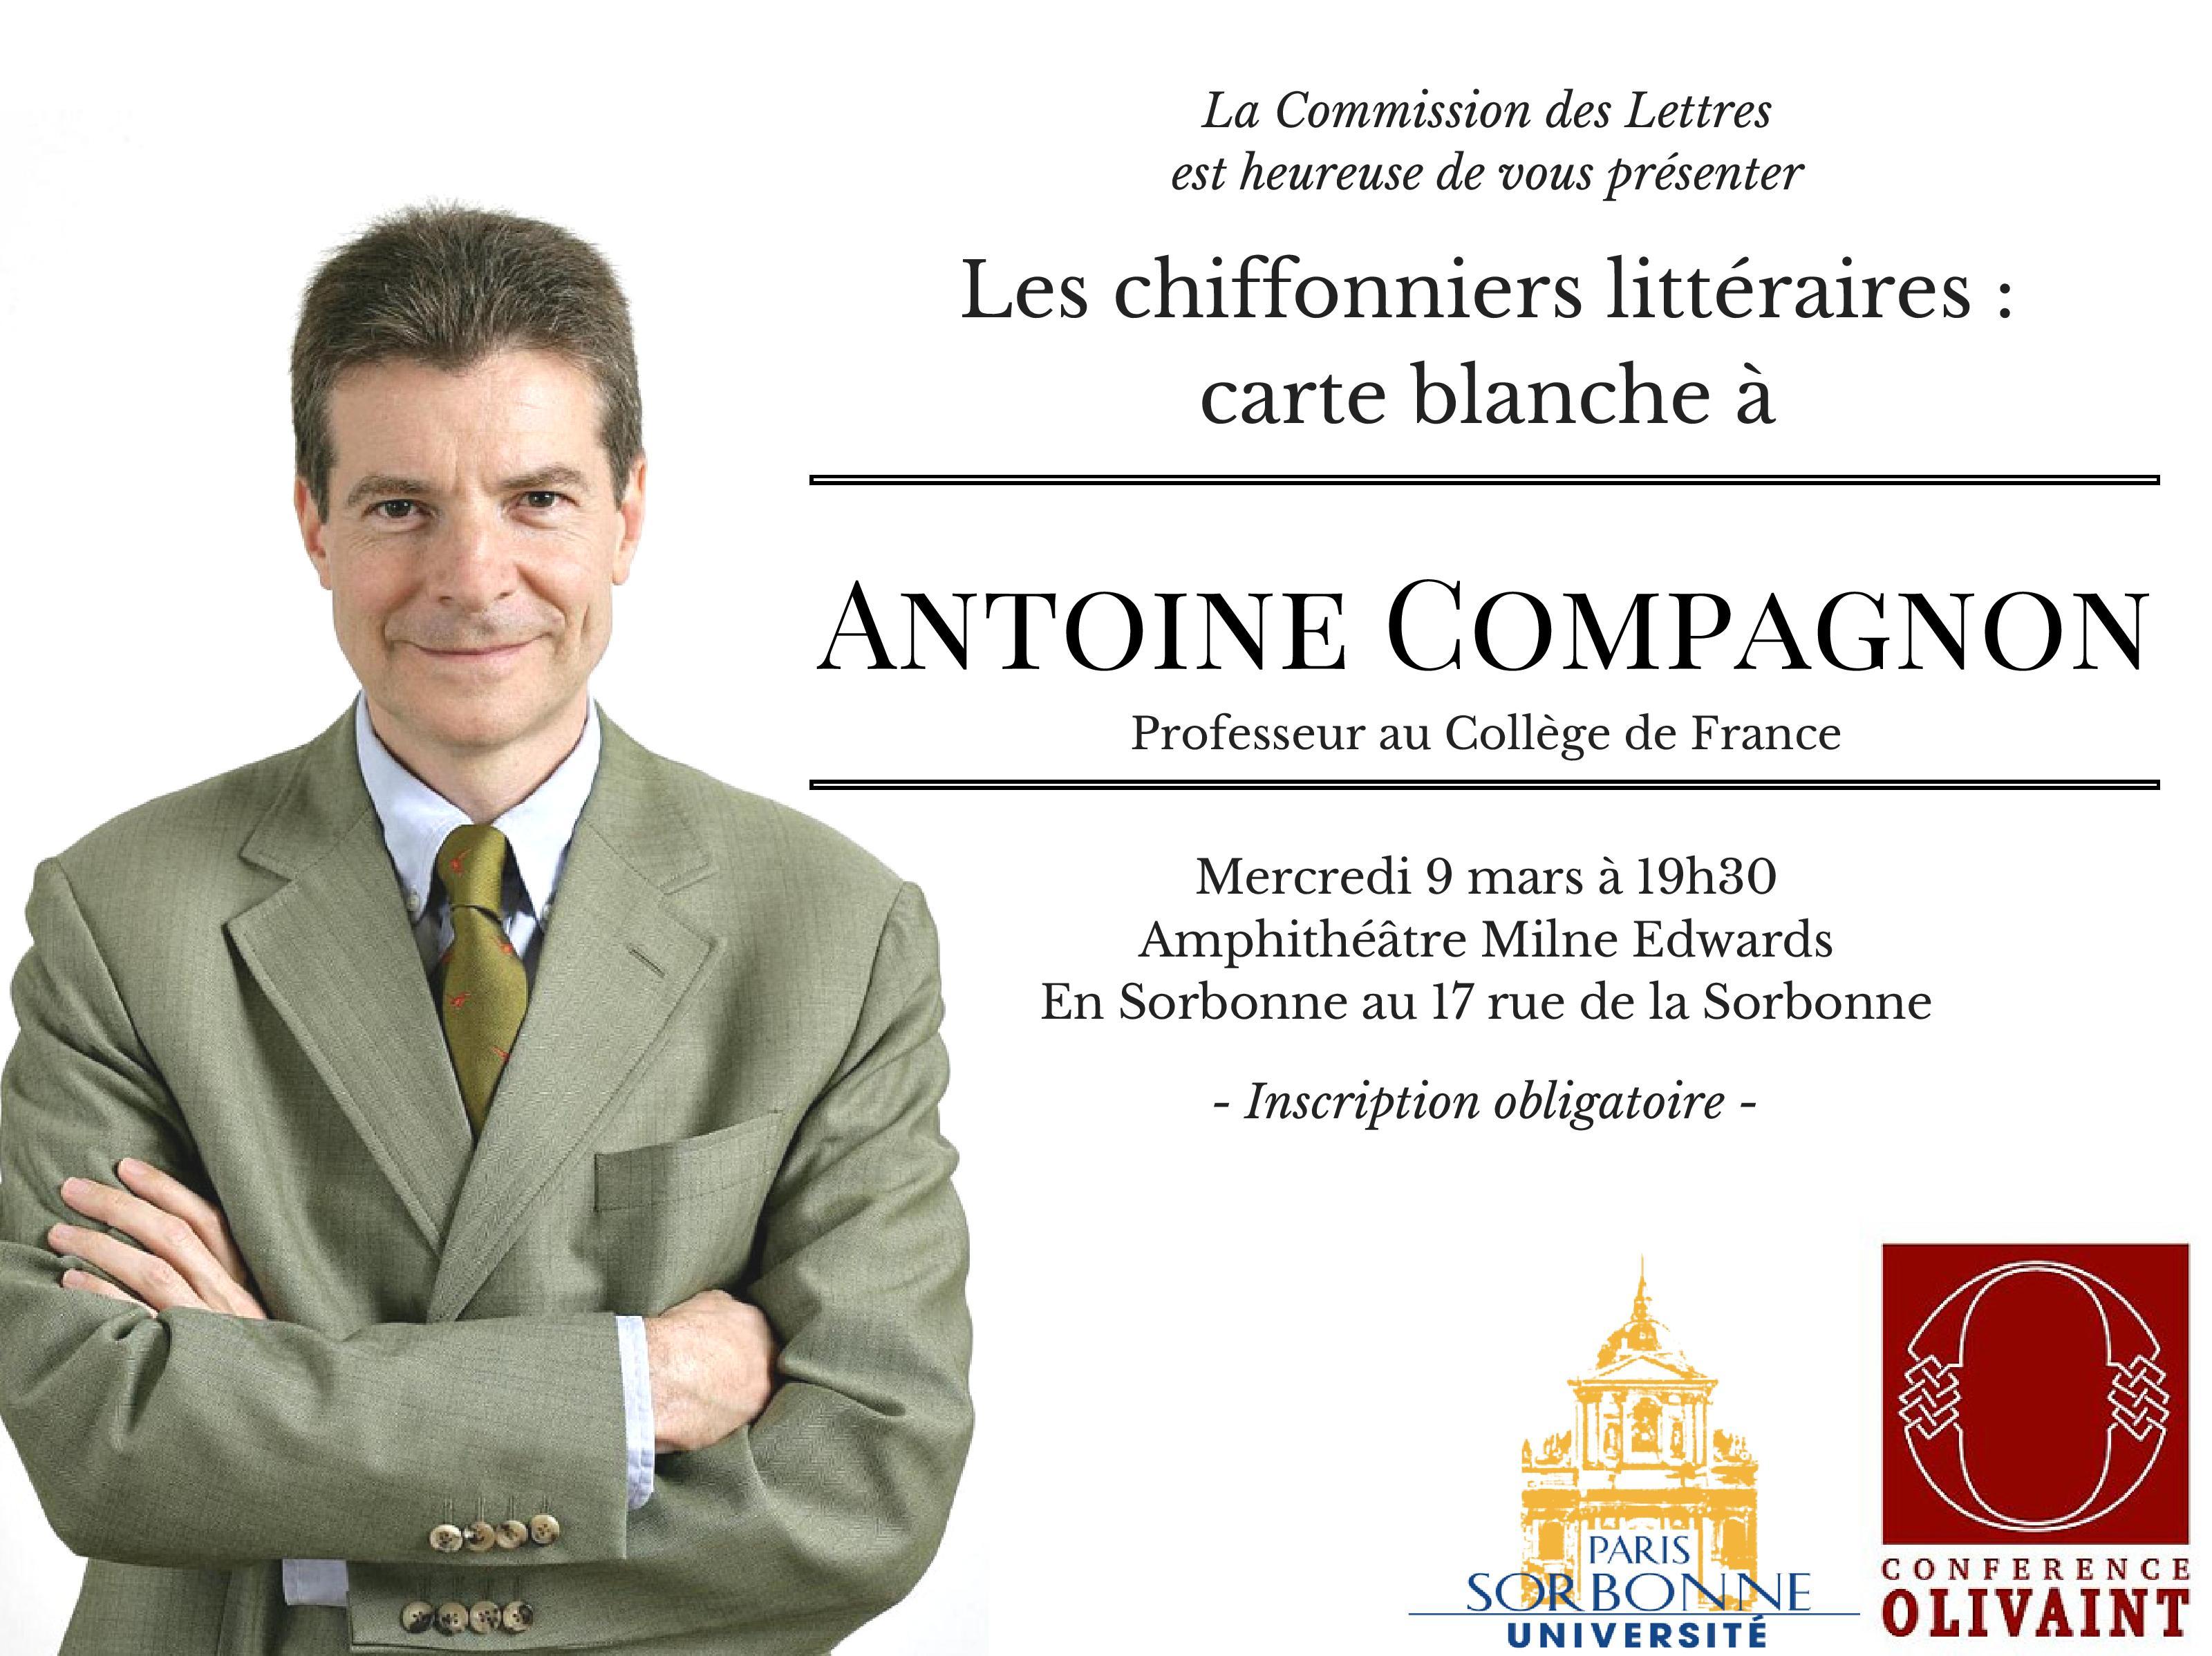 Les chiffoniers littéraires : Carte blanche à Antoine Compagnon